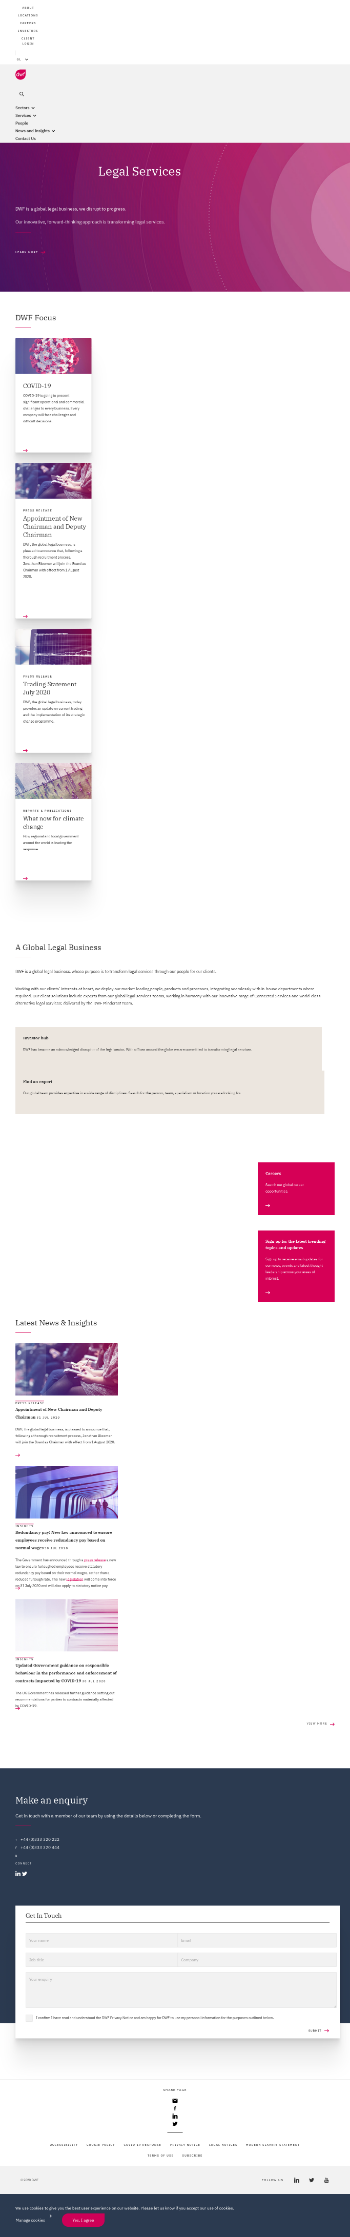 DWF Group plc Website Screenshot